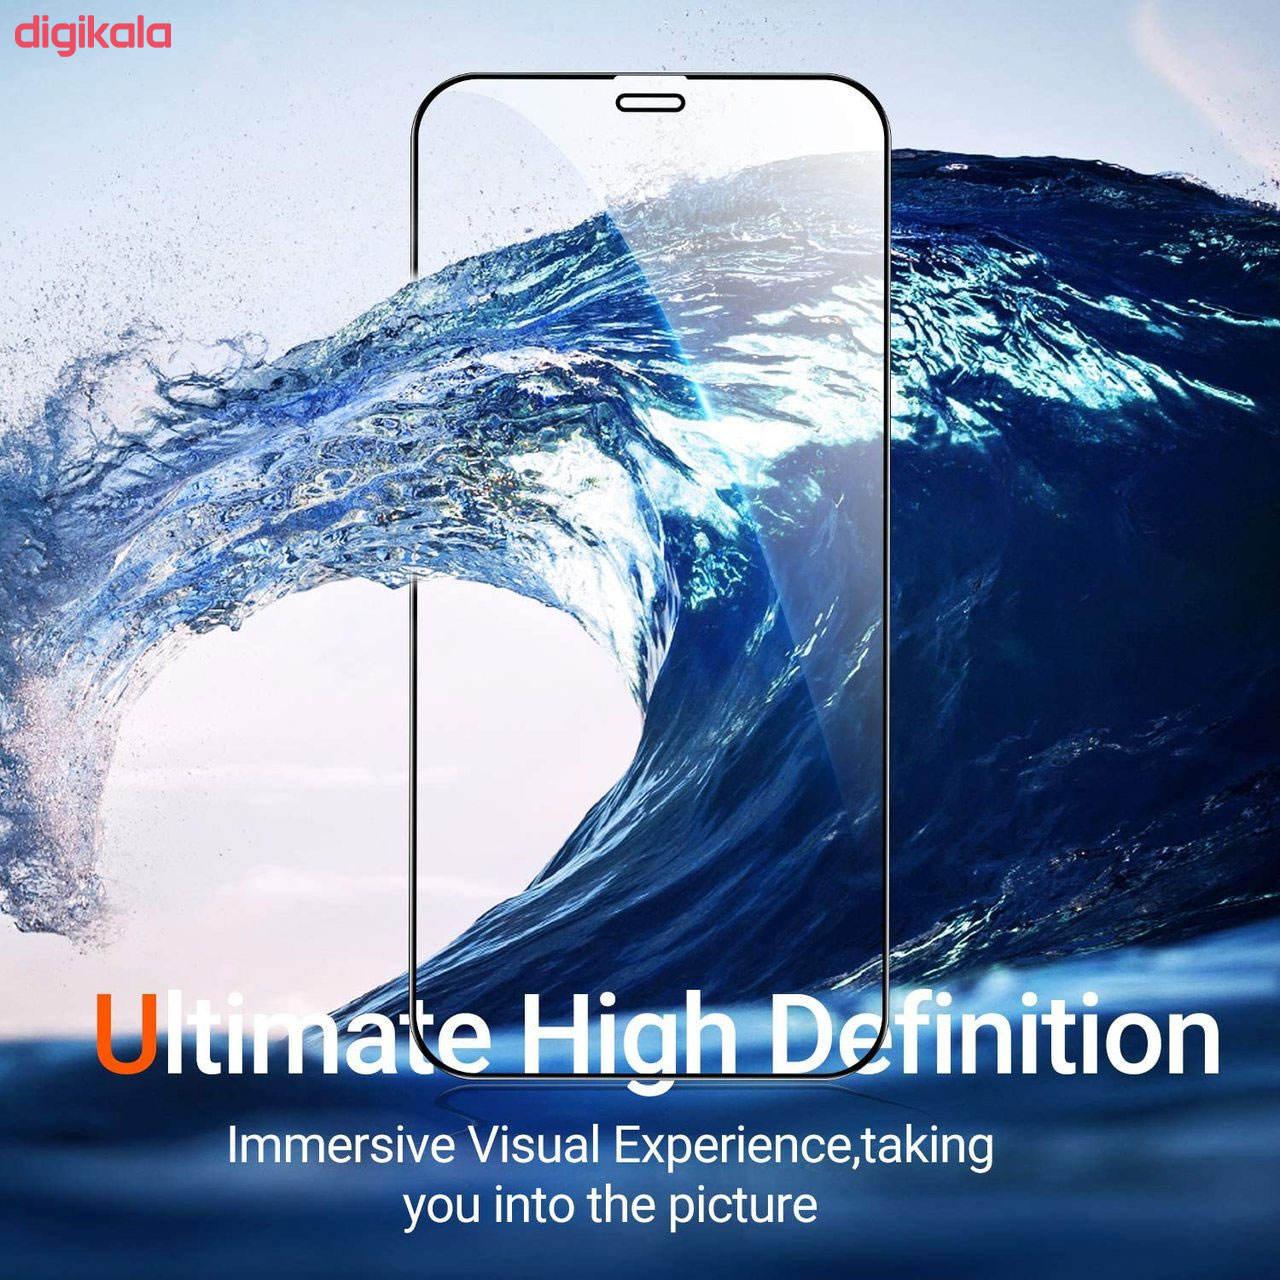 محافظ صفحه نمایش مدل FCG مناسب برای گوشی موبایل اپل iPhone 12 Pro بسته دو عددی main 1 13